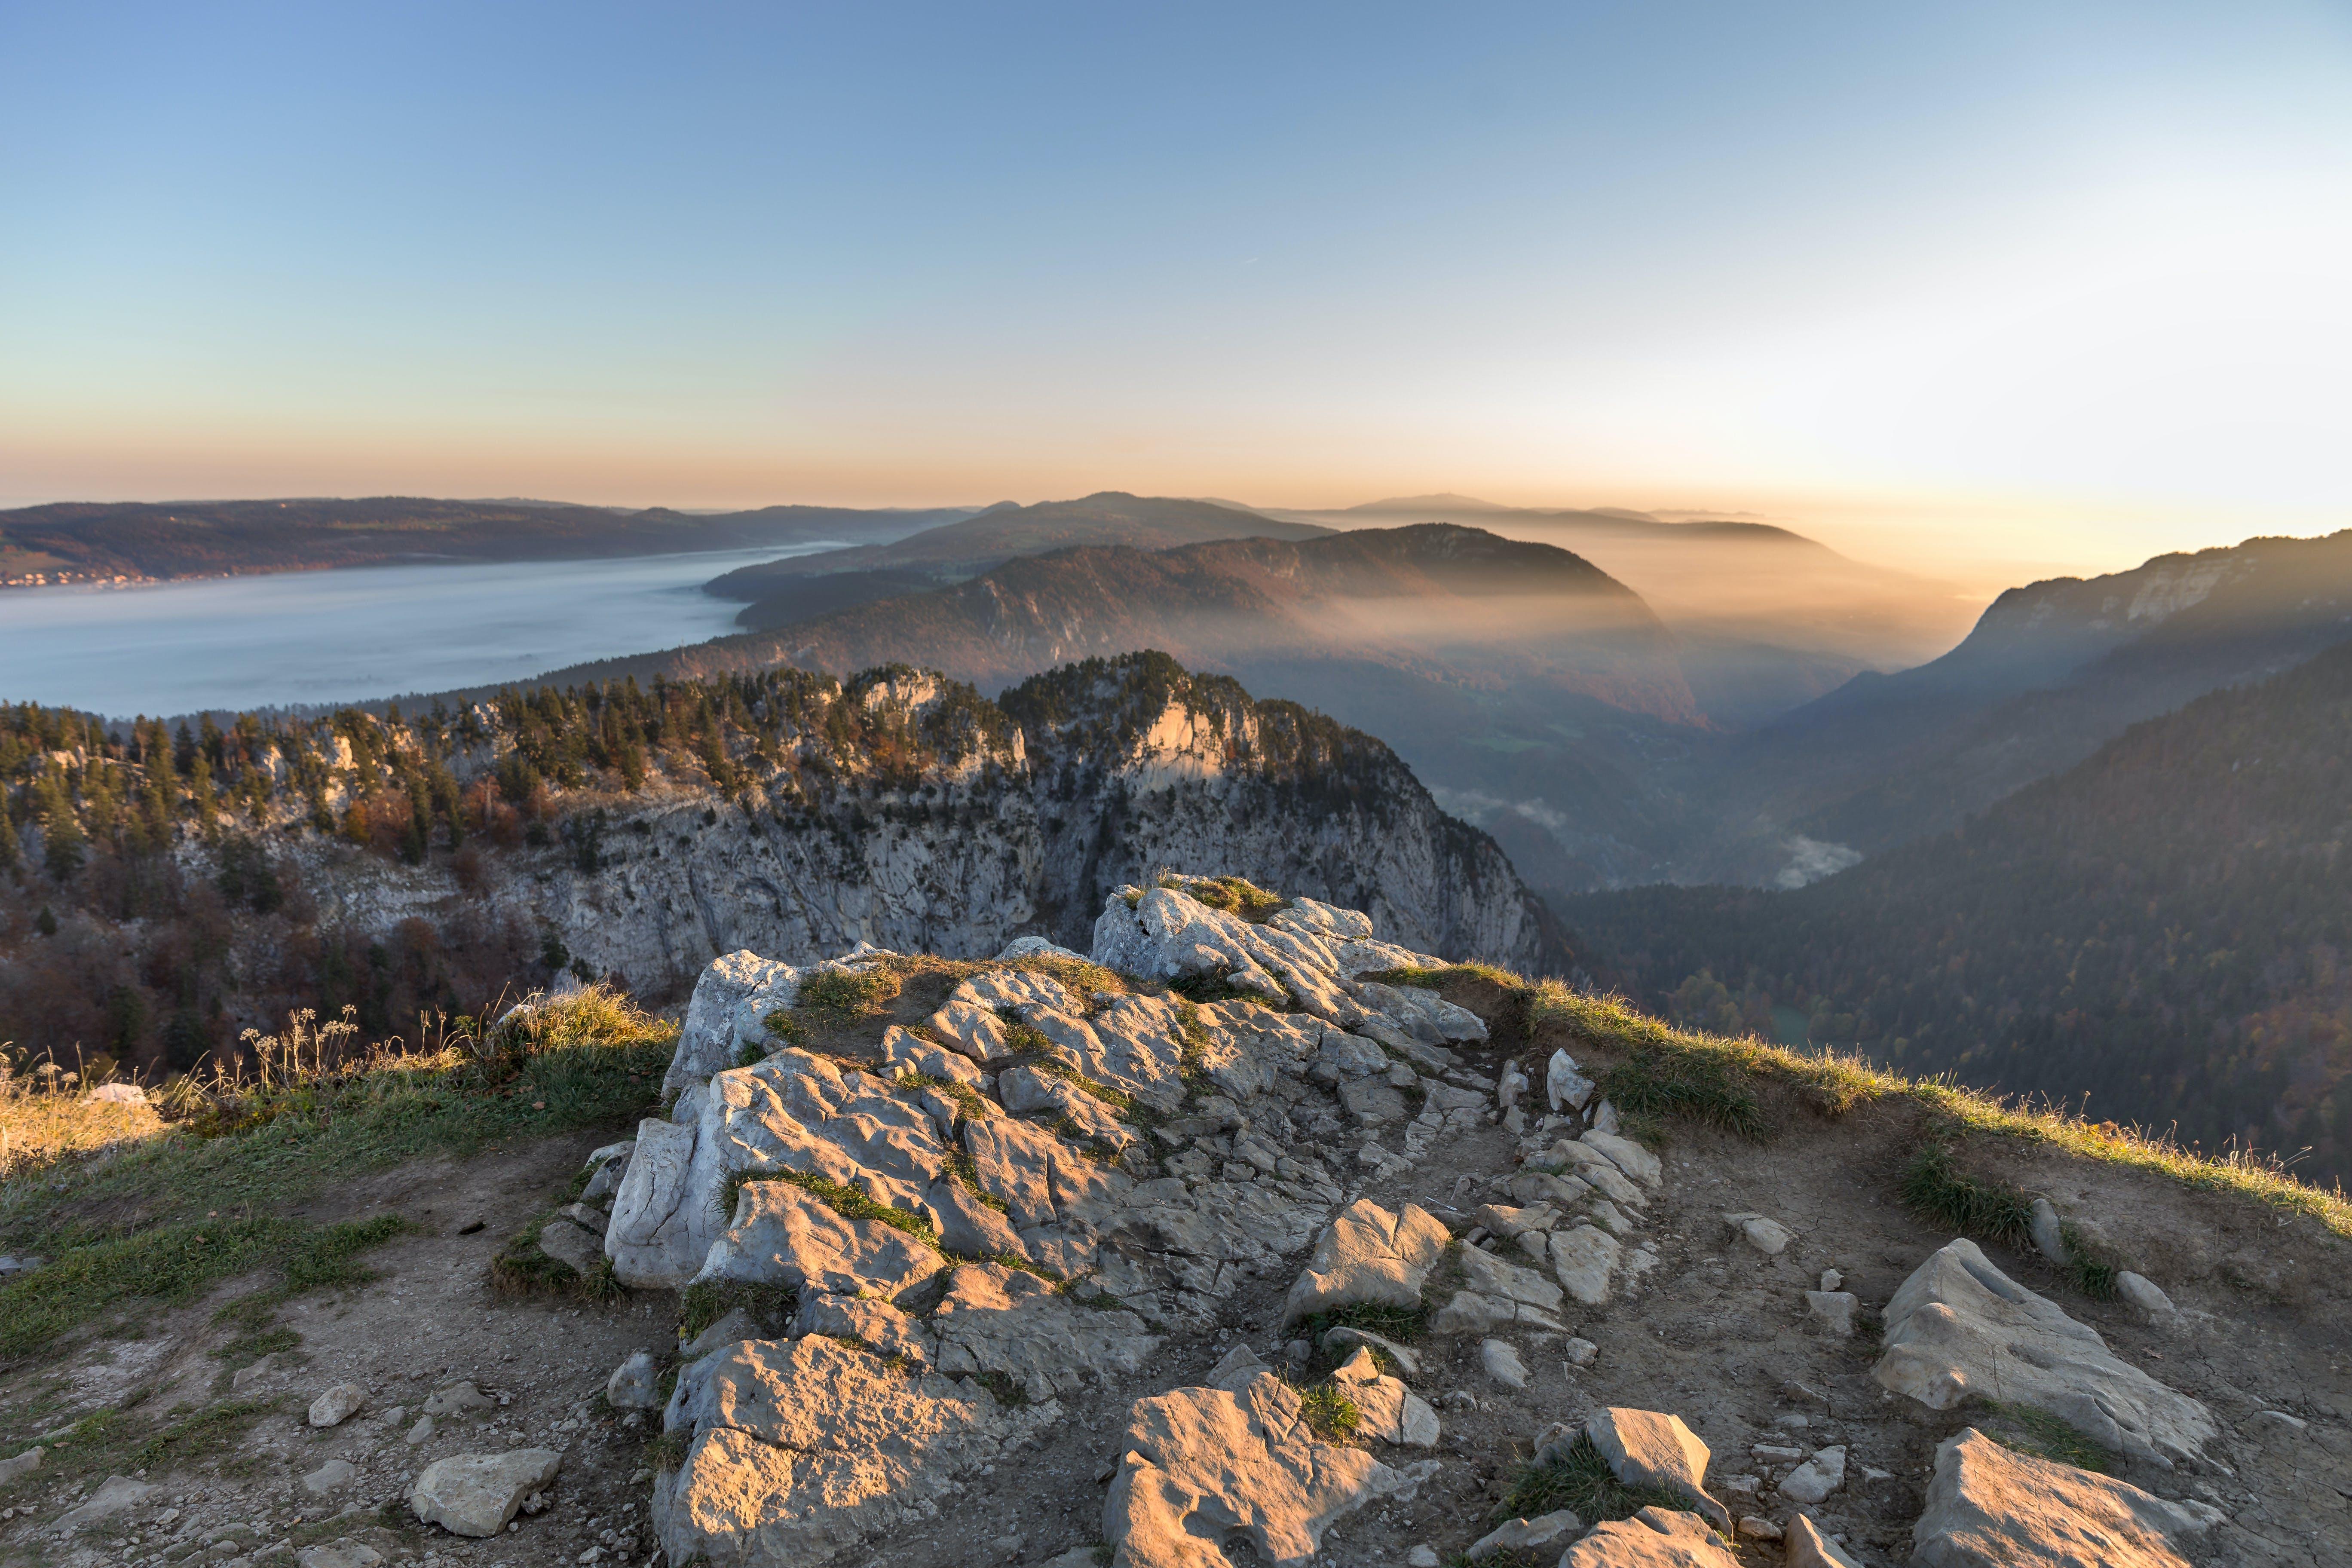 天性, 天空, 山, 岩石 的 免費圖庫相片